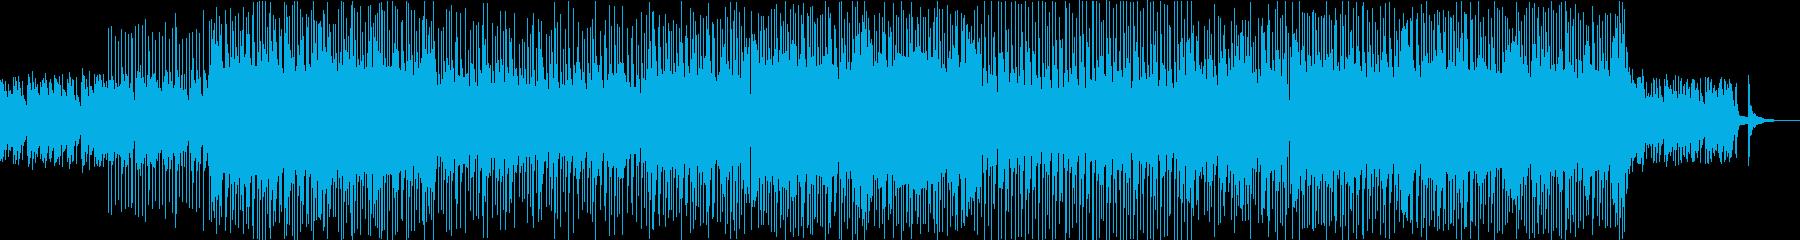 生アコギ/明るい/爽やか/ピアノBGM3の再生済みの波形